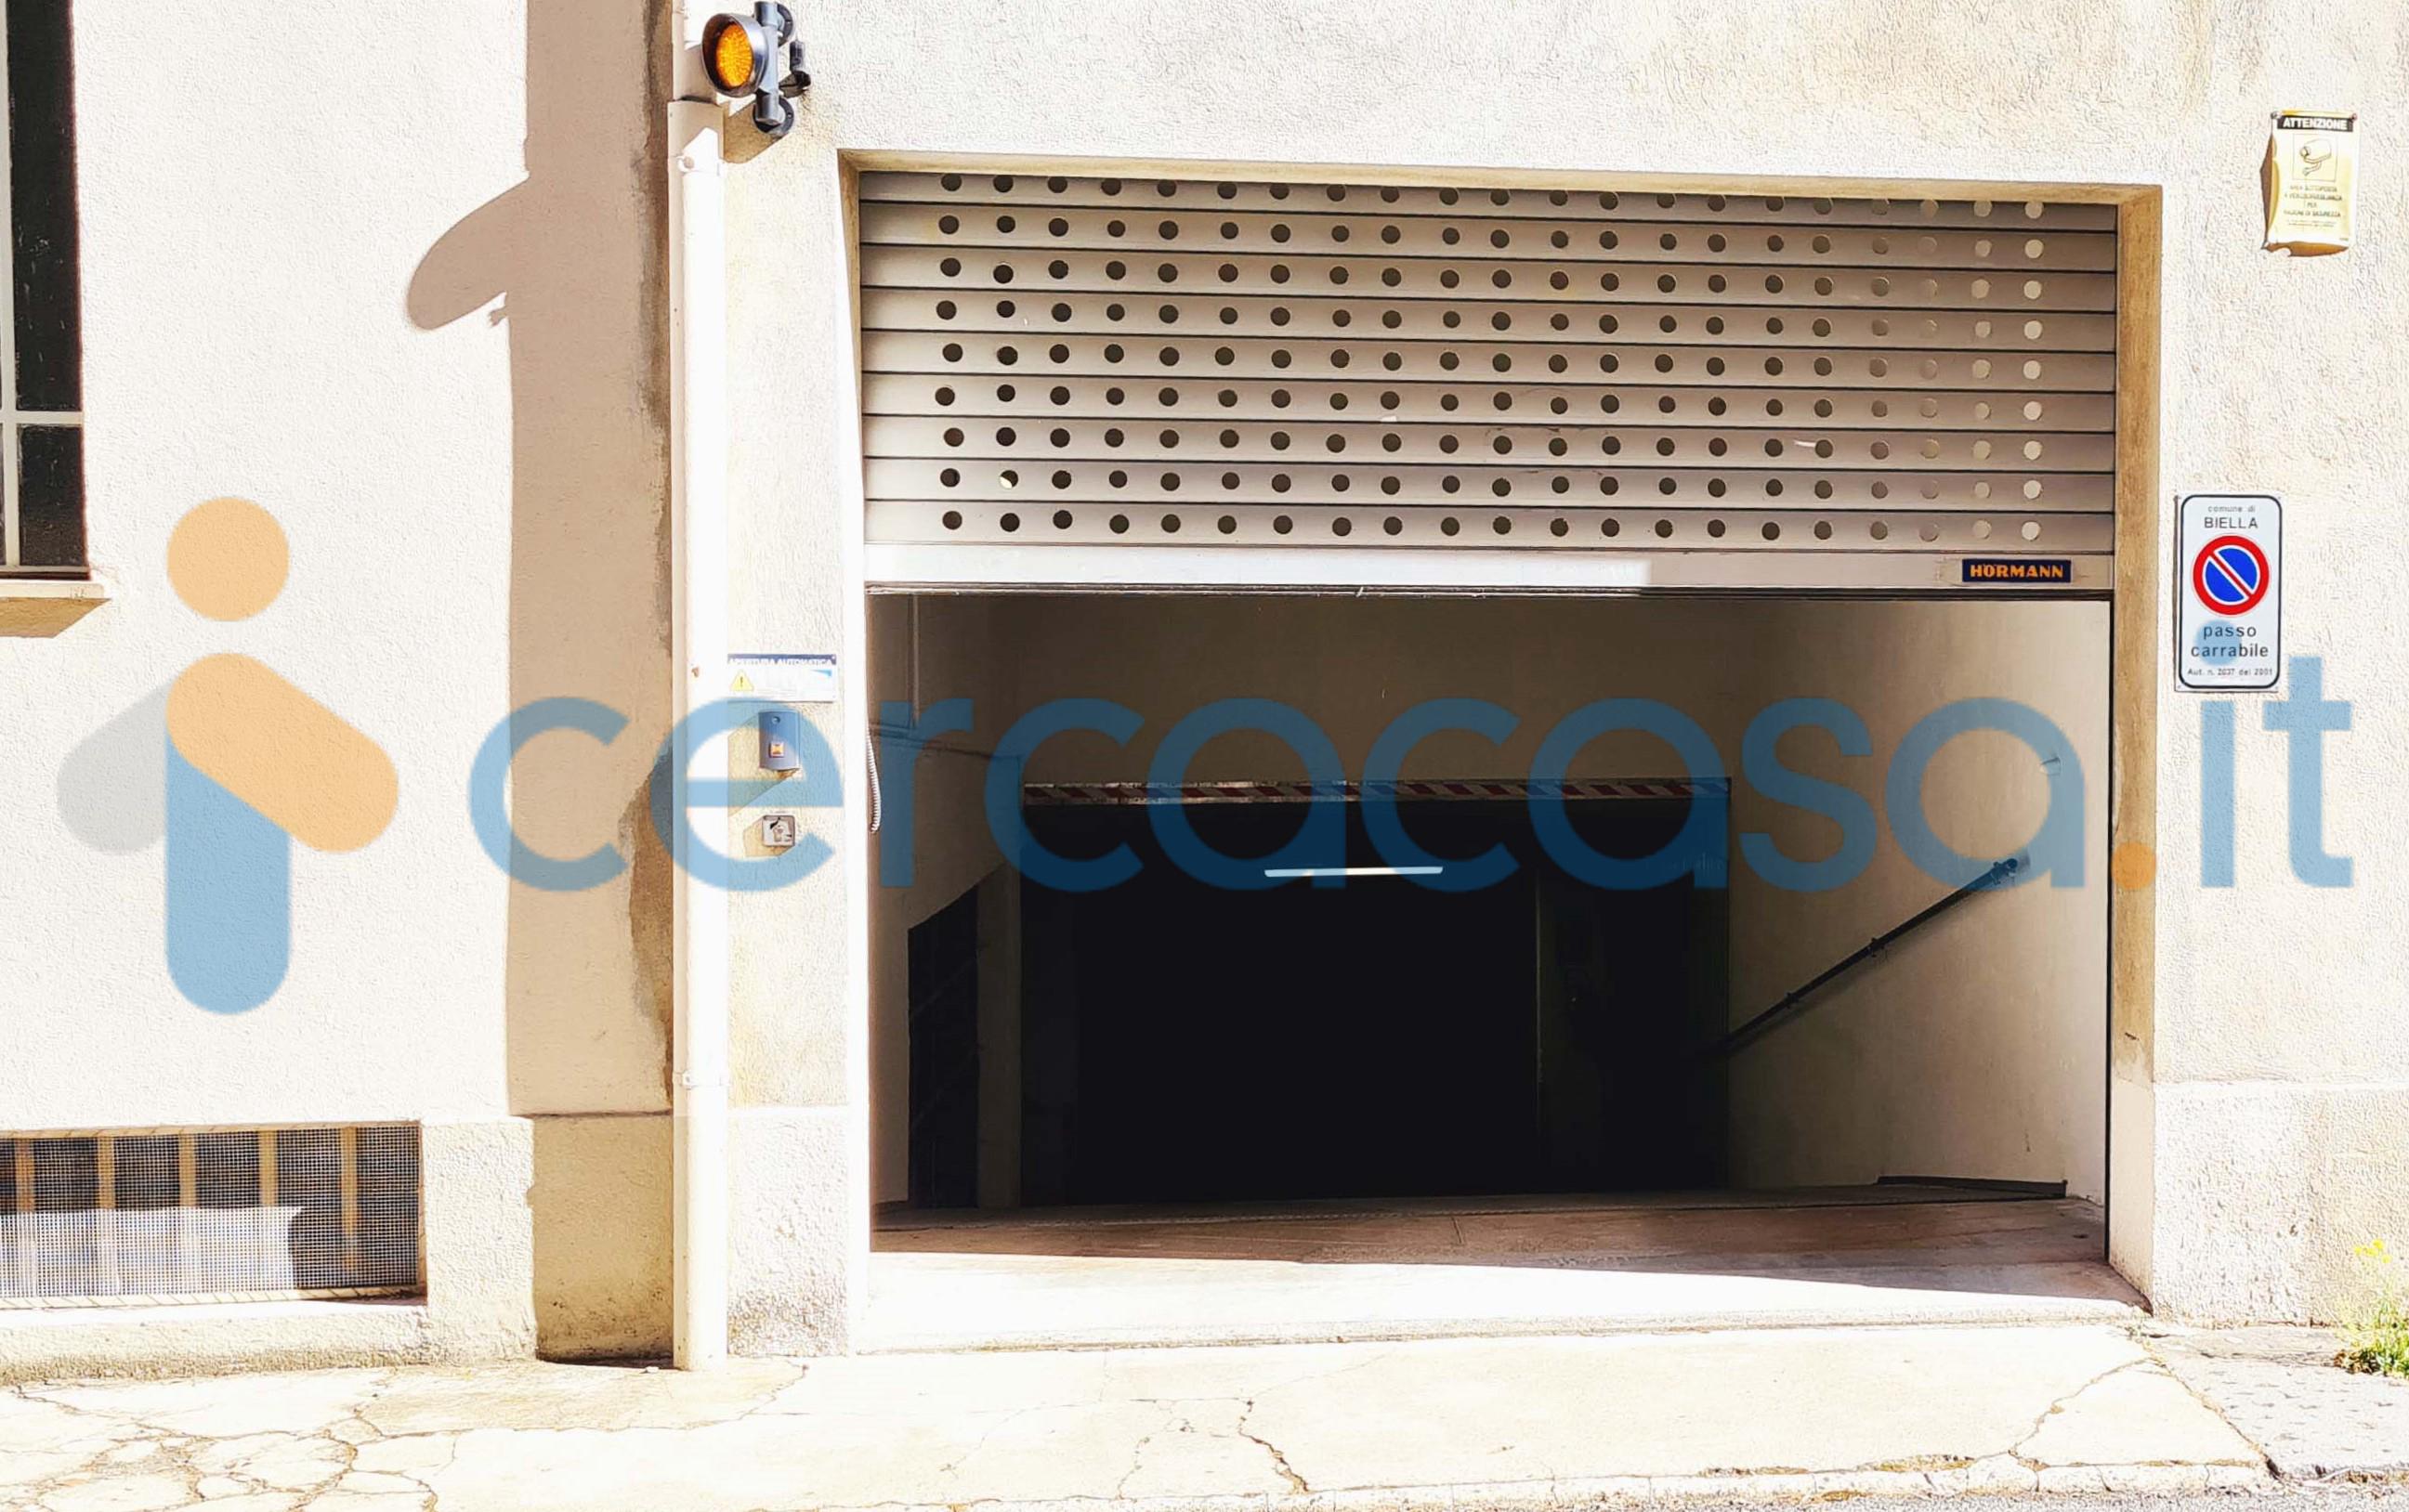 _garage-_n__002e-3-in-vendita-in-_via-_monte-_mucrone__002c-6-__002d-_biella